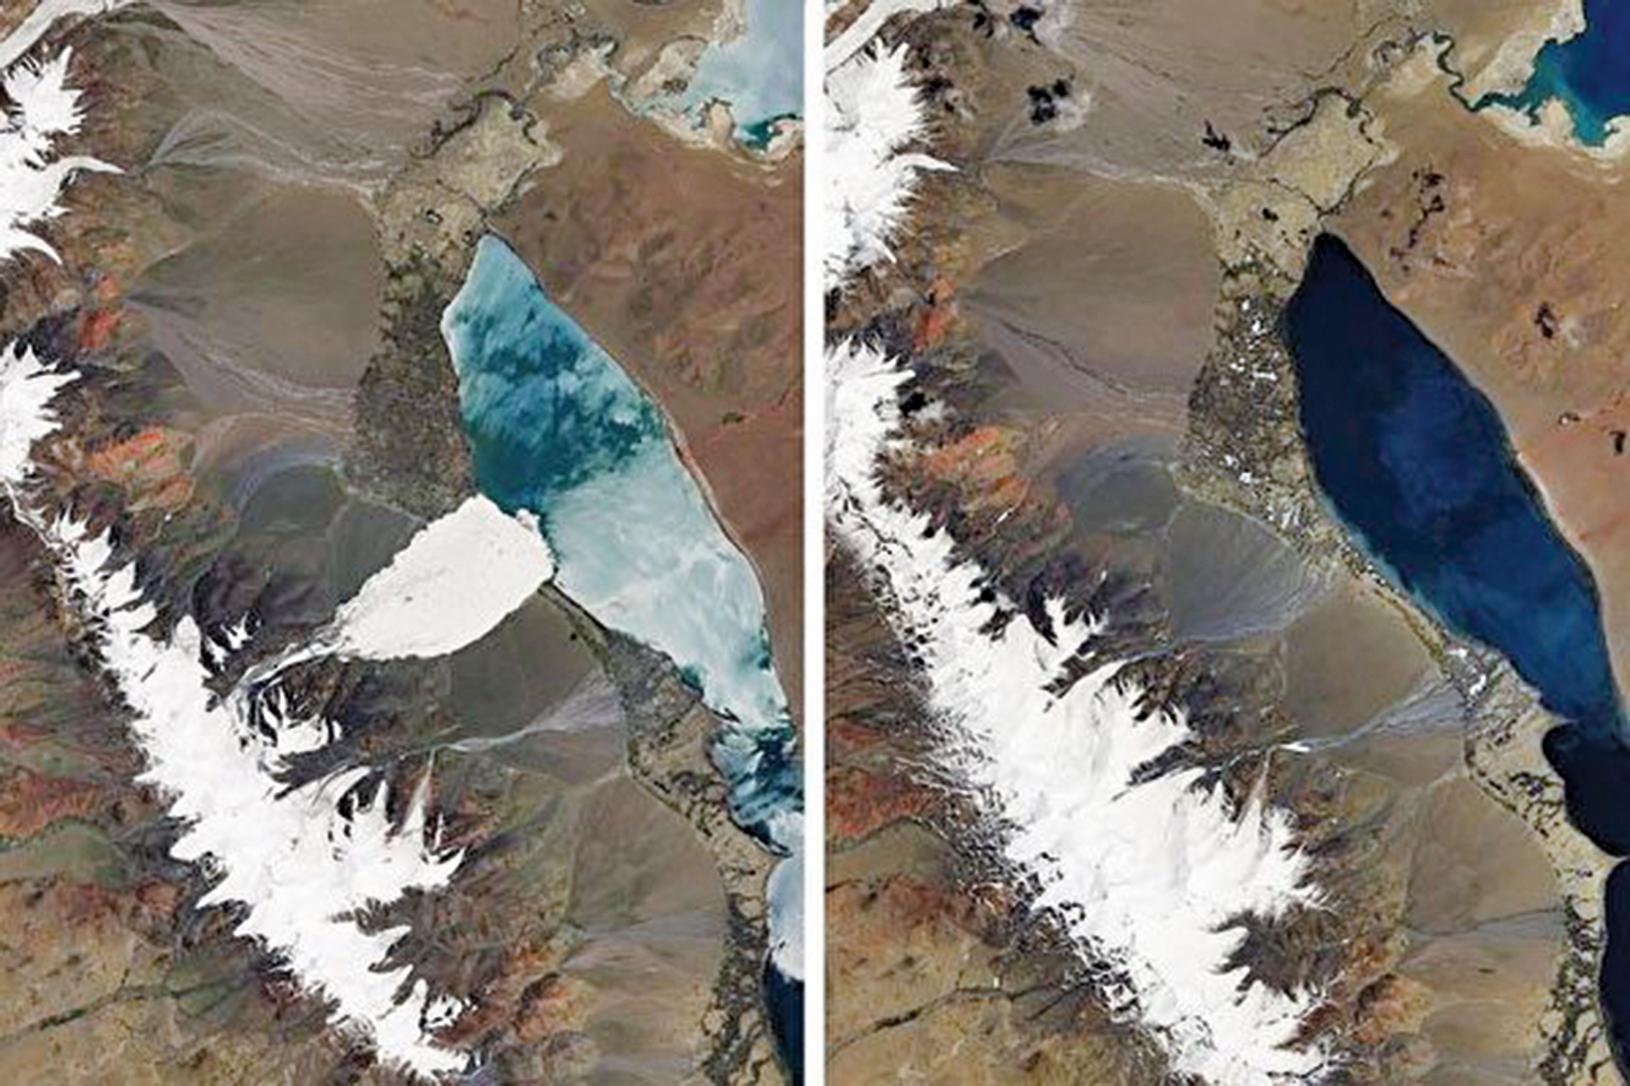 西藏高原現生態環境危機